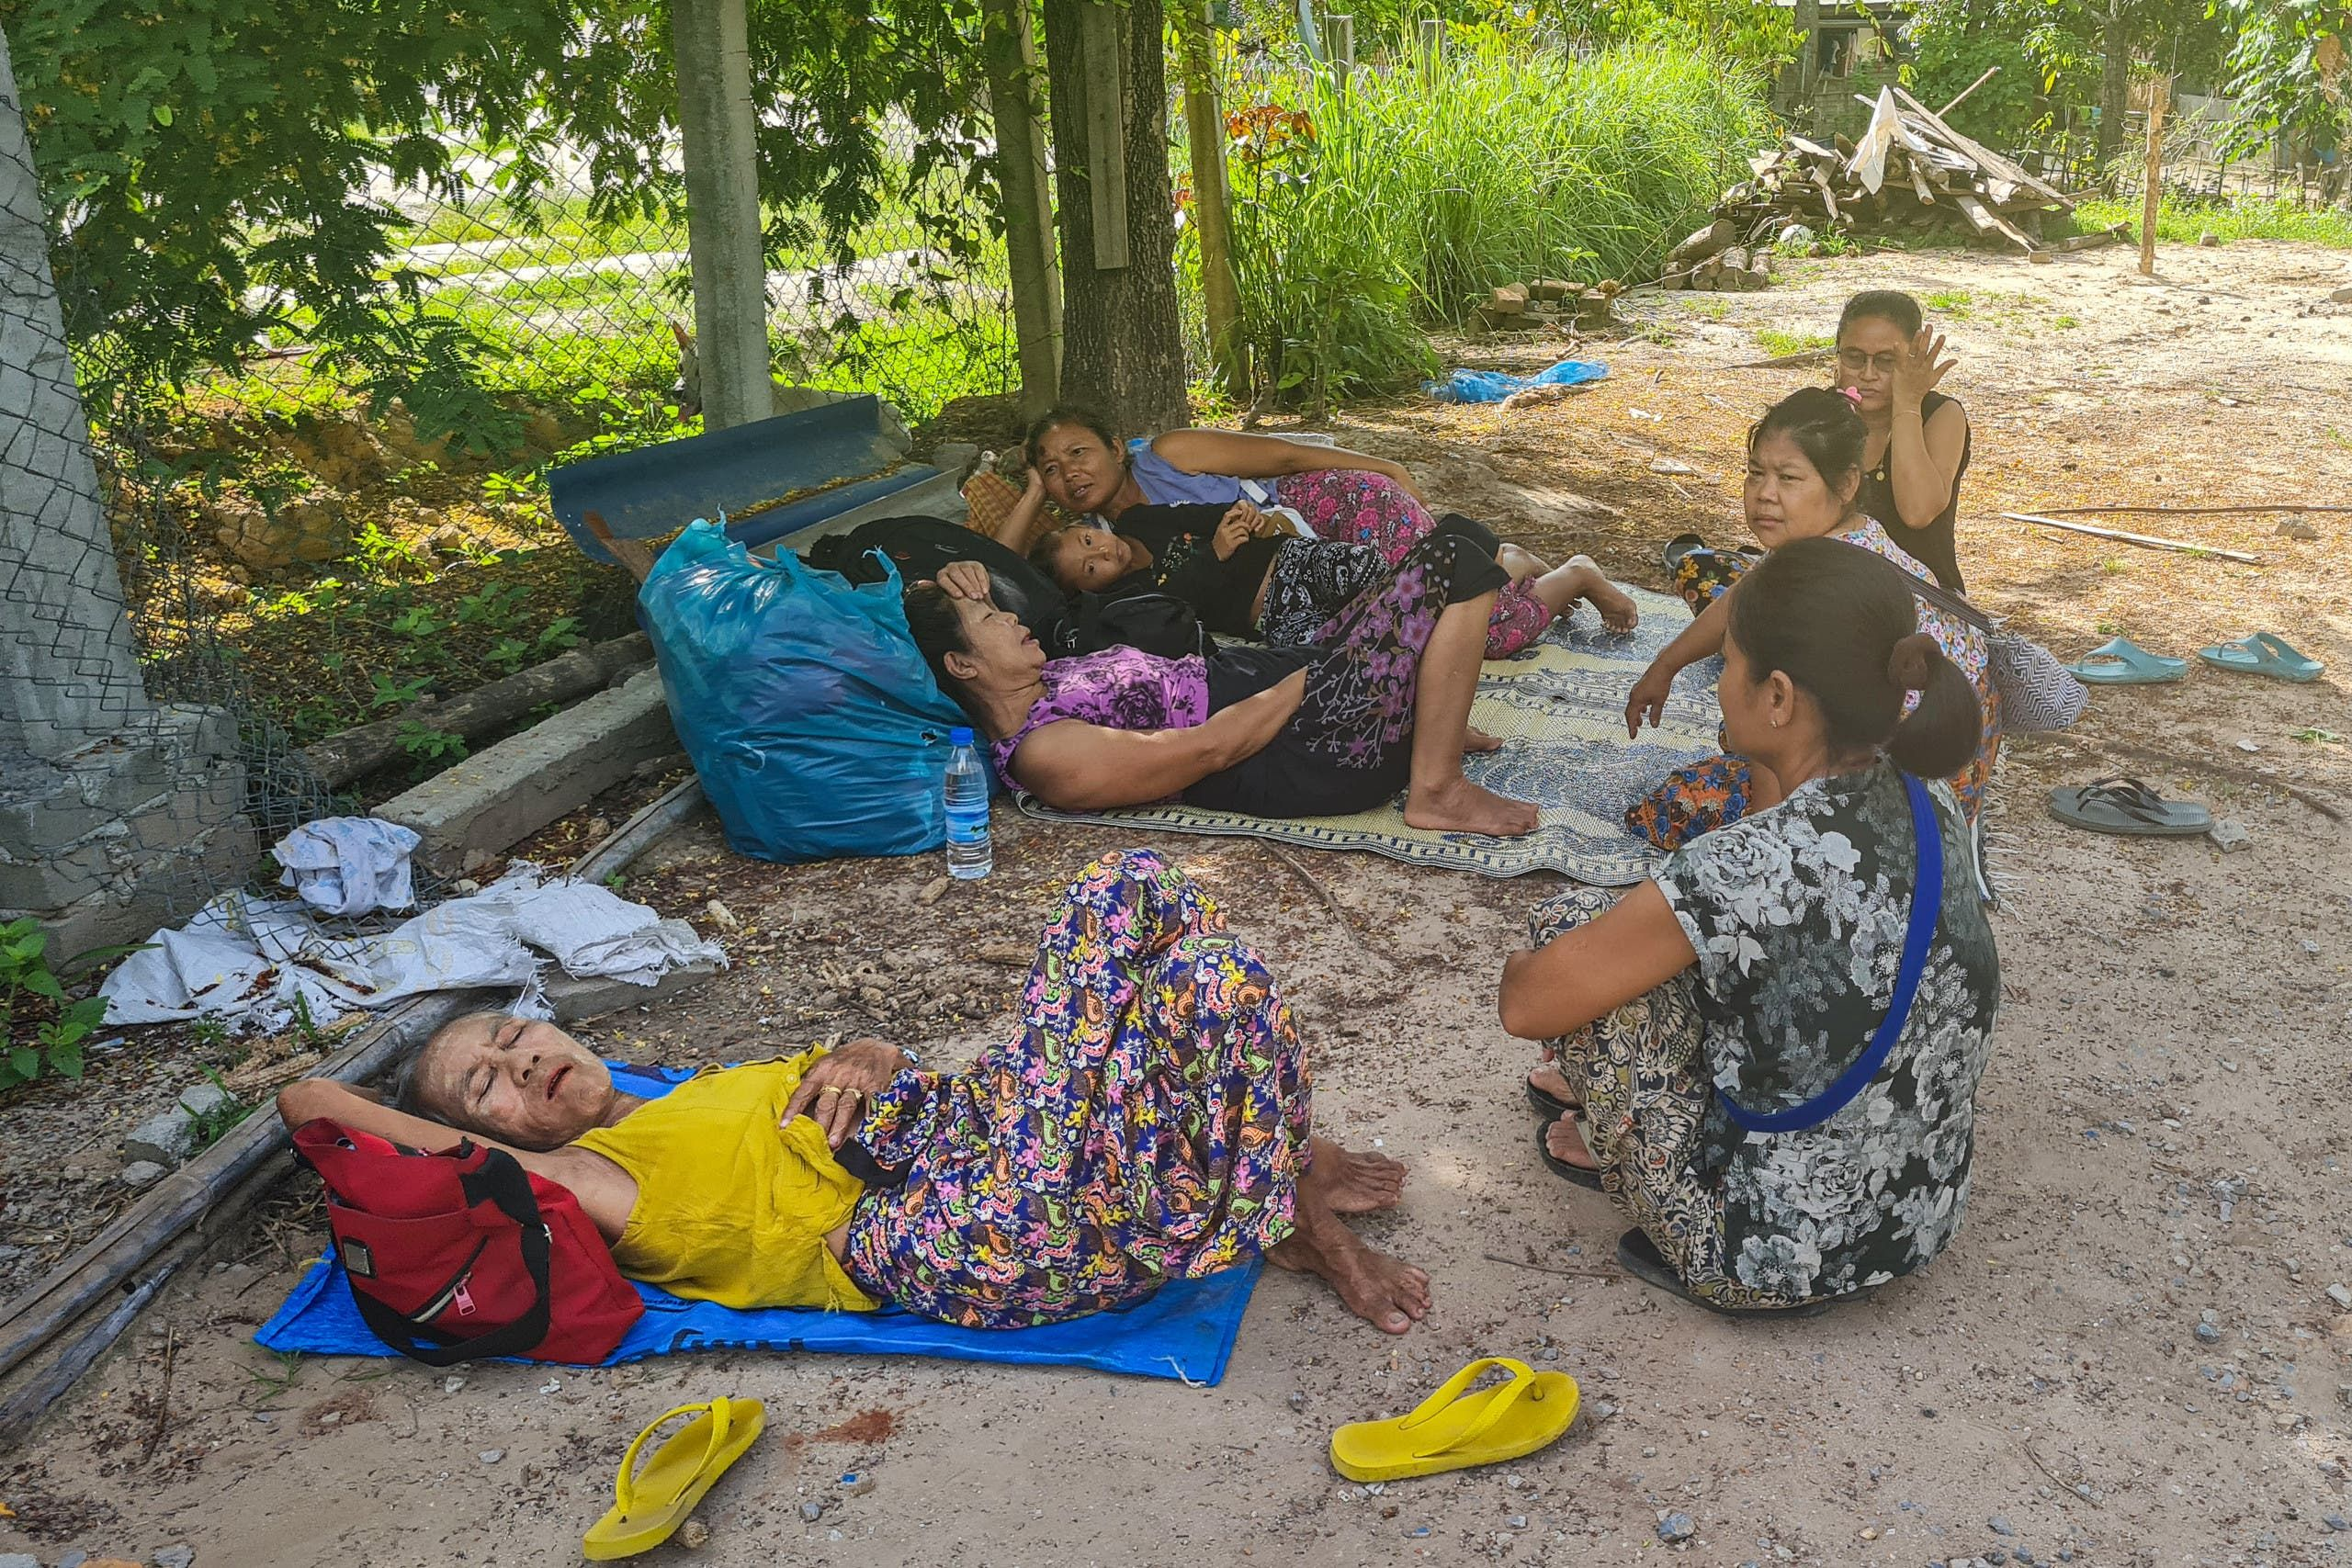 نازحون في إقليم كارين بسبب القتال الدائر